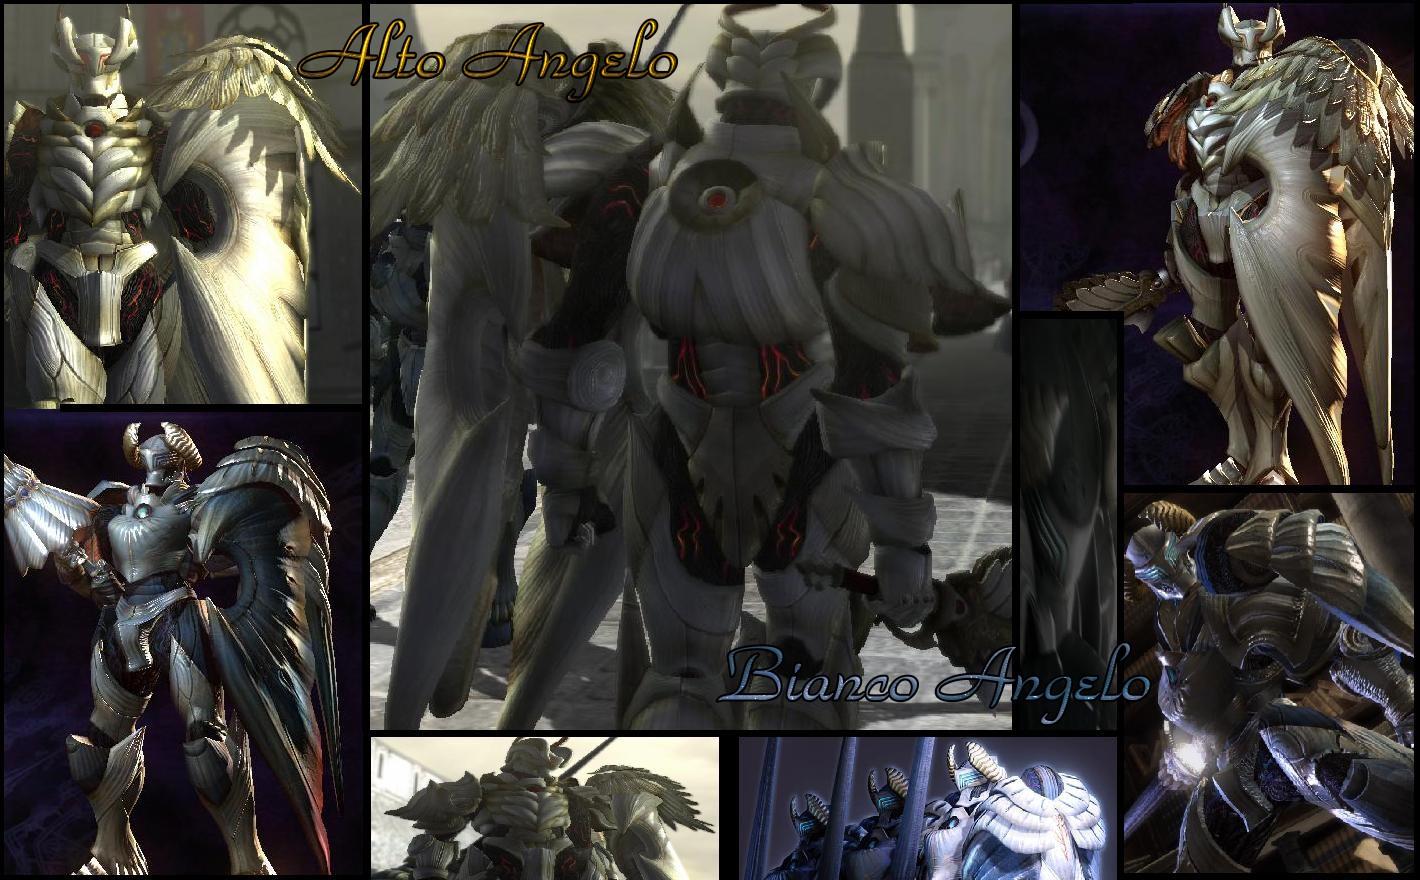 Taller de Encargos Oficial: Criaturas [Pide aquí tu criatura] - Página 25 DMC_4_Angelo_Collage_by_sargas08